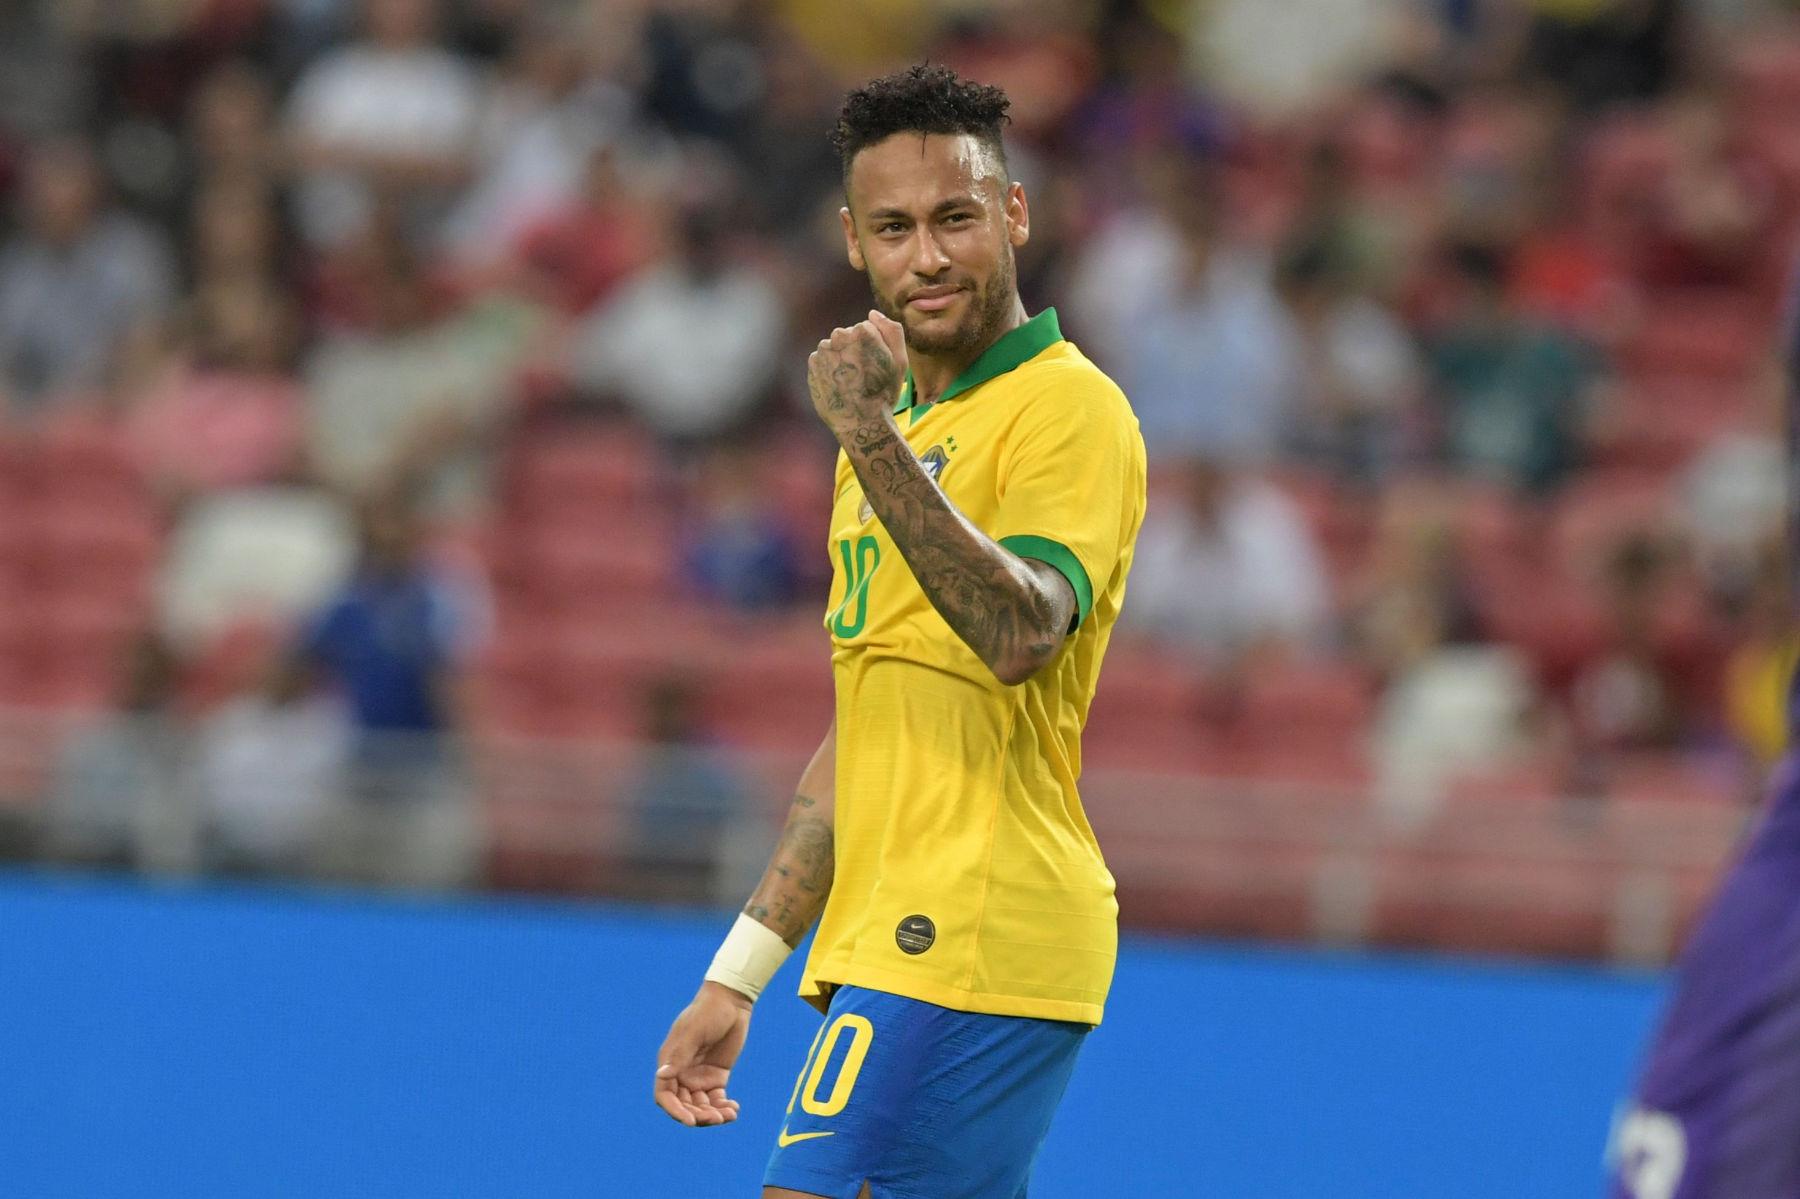 'ไม่ต้องสงสัย' ผจก.บราซิลในการส่งคำเชิญให้เนย์มาร์ออกจากทีมโอลิมปิกในโตเกียว